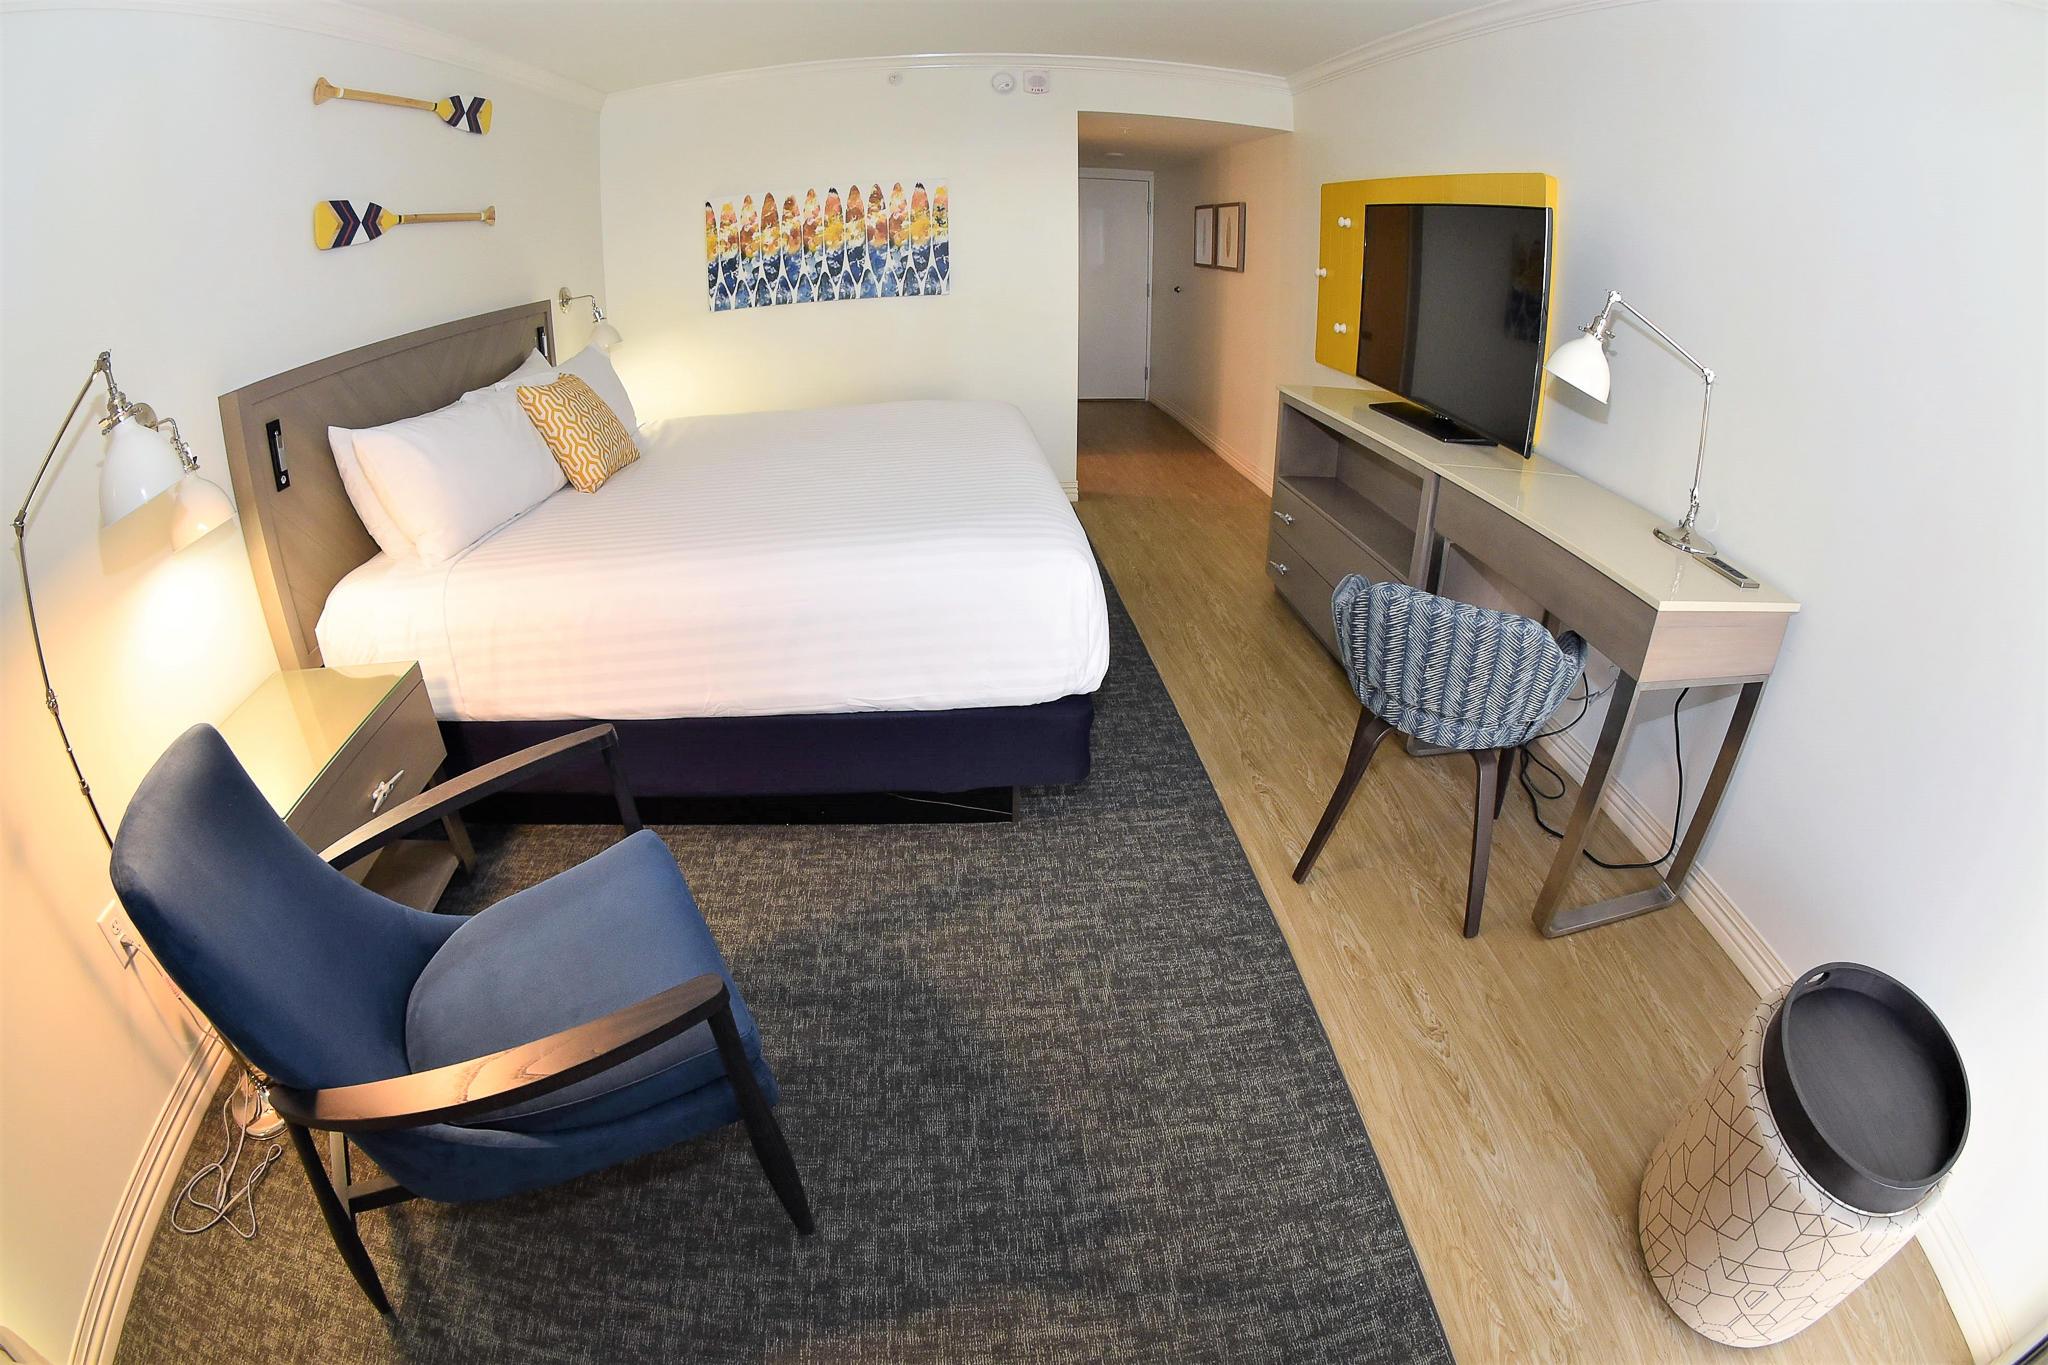 The Godfrey Hotel & Cabanas Tampa image 2